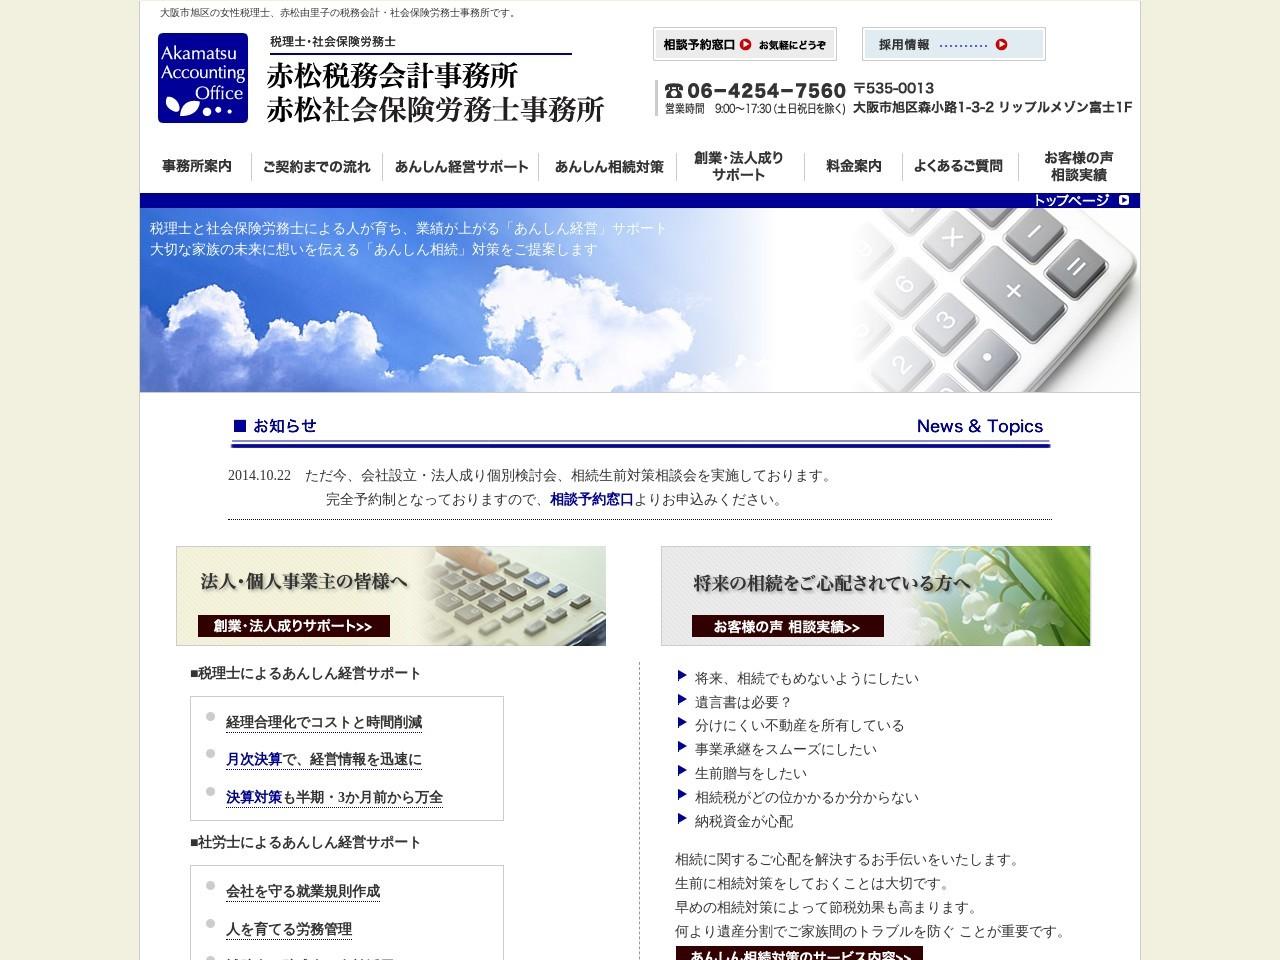 赤松税務会計事務所